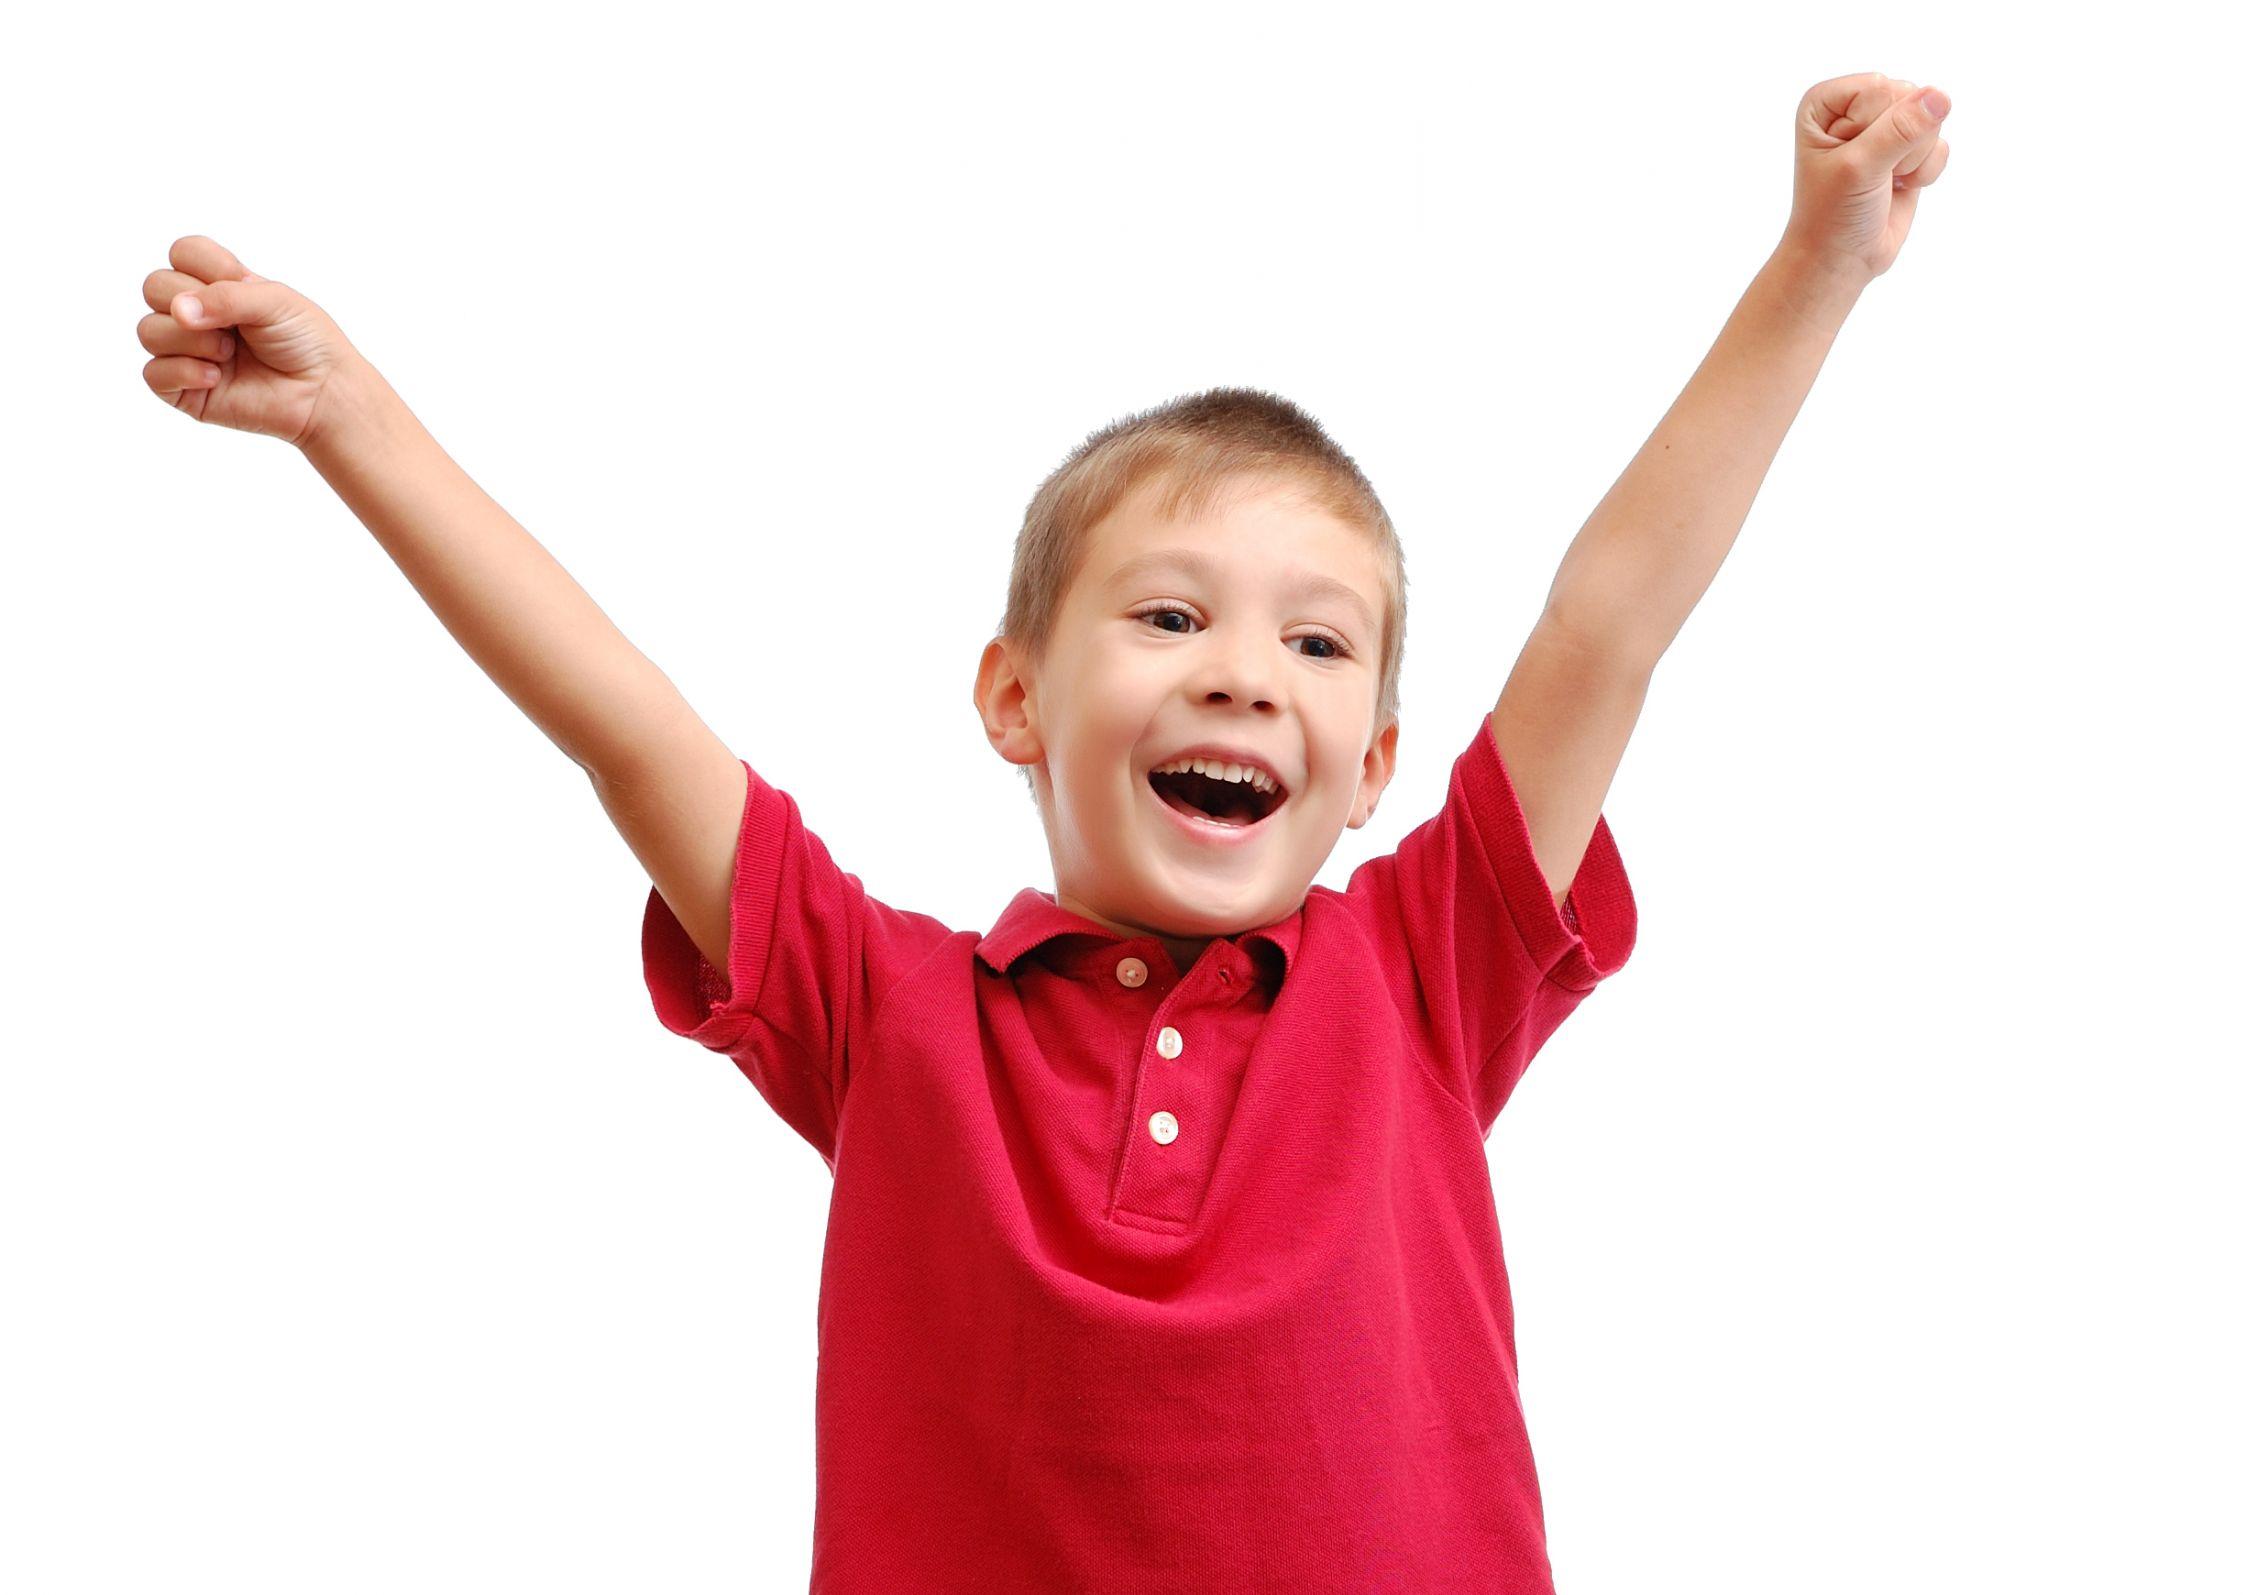 Happy kid Blank Template - Imgflip